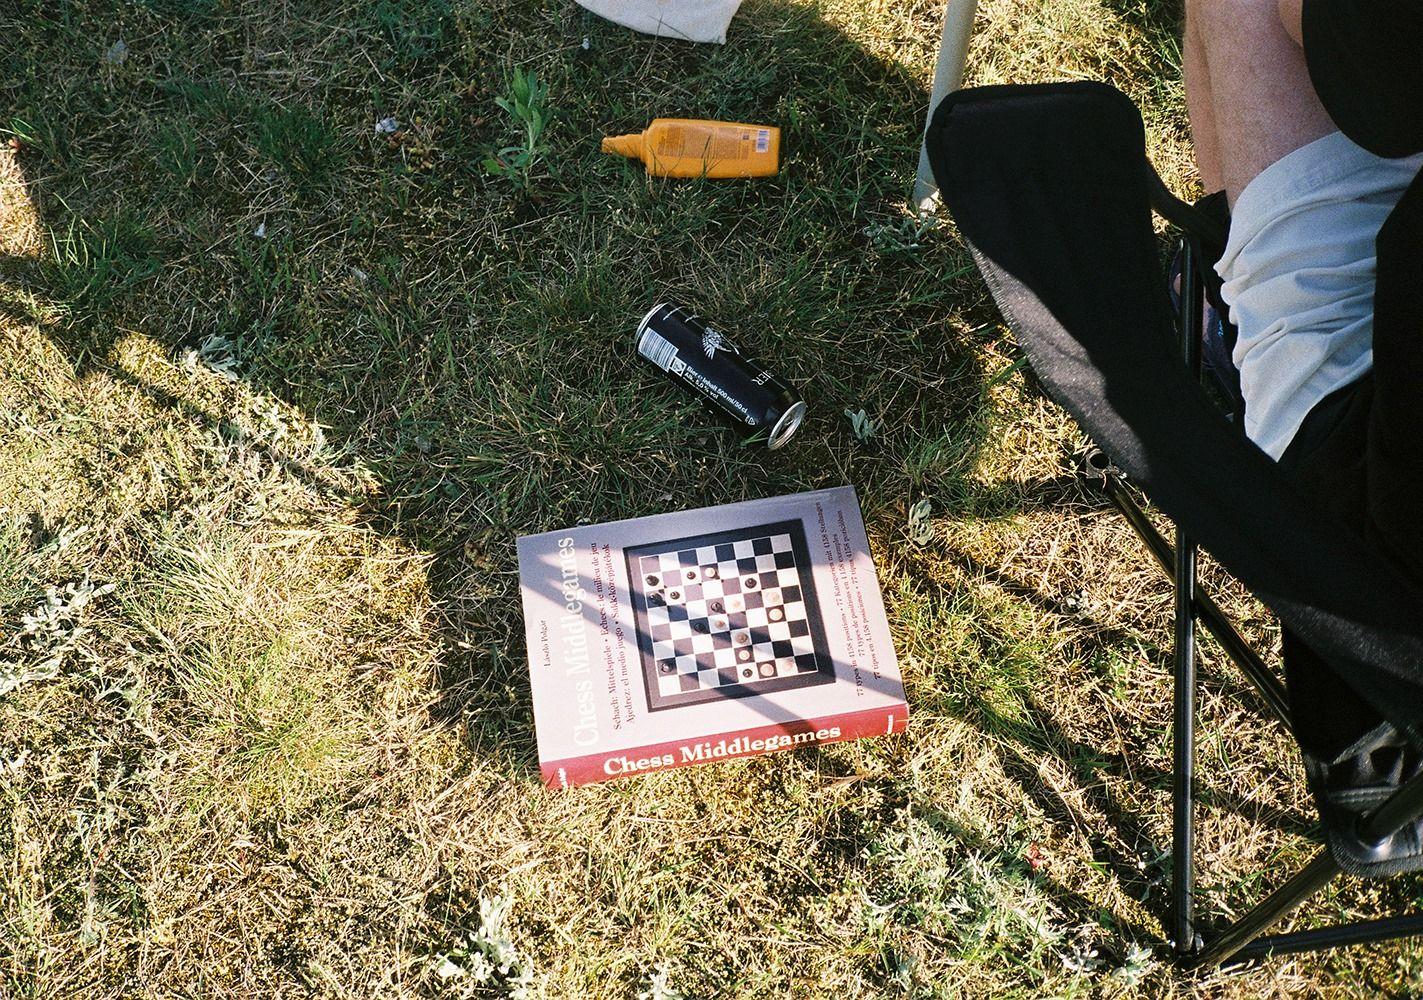 Schachspiel Karton auf Rasen der Campingfläche